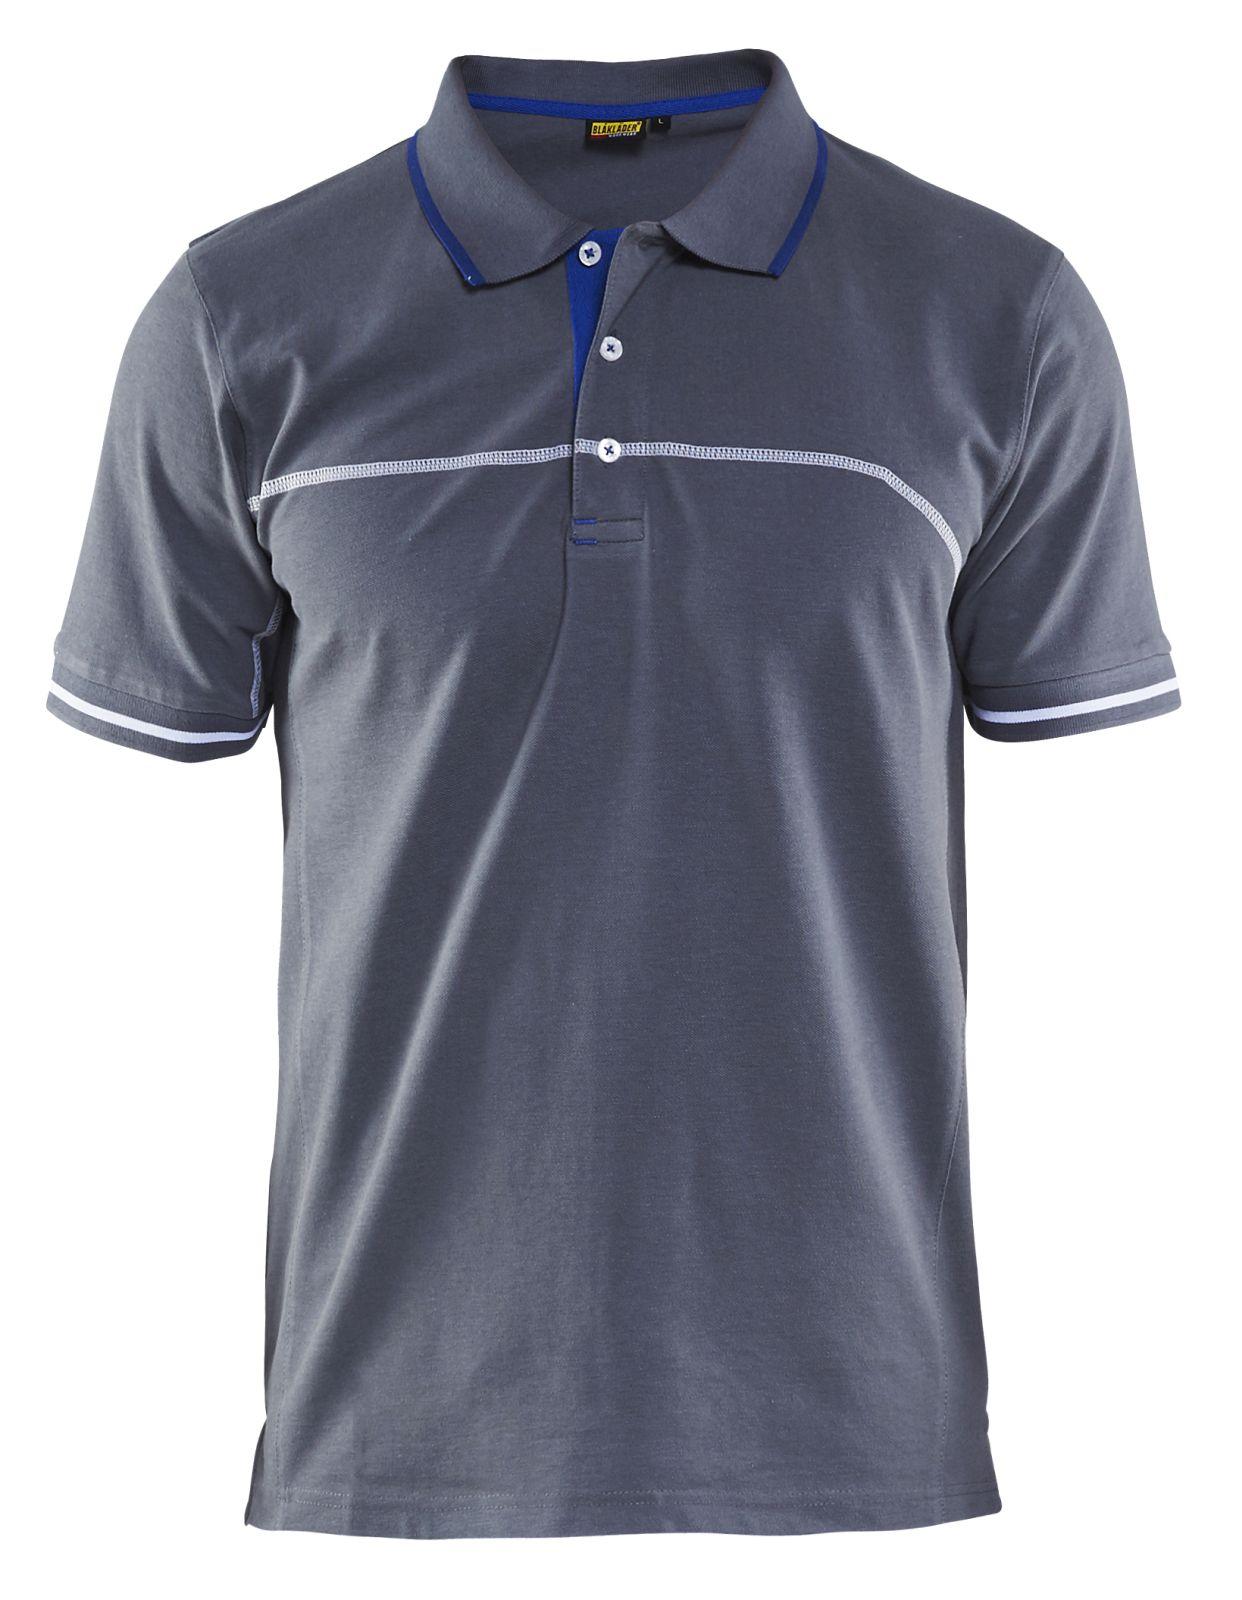 Blaklader Polo shirts 33891050 grijs-korenblauw(9485)